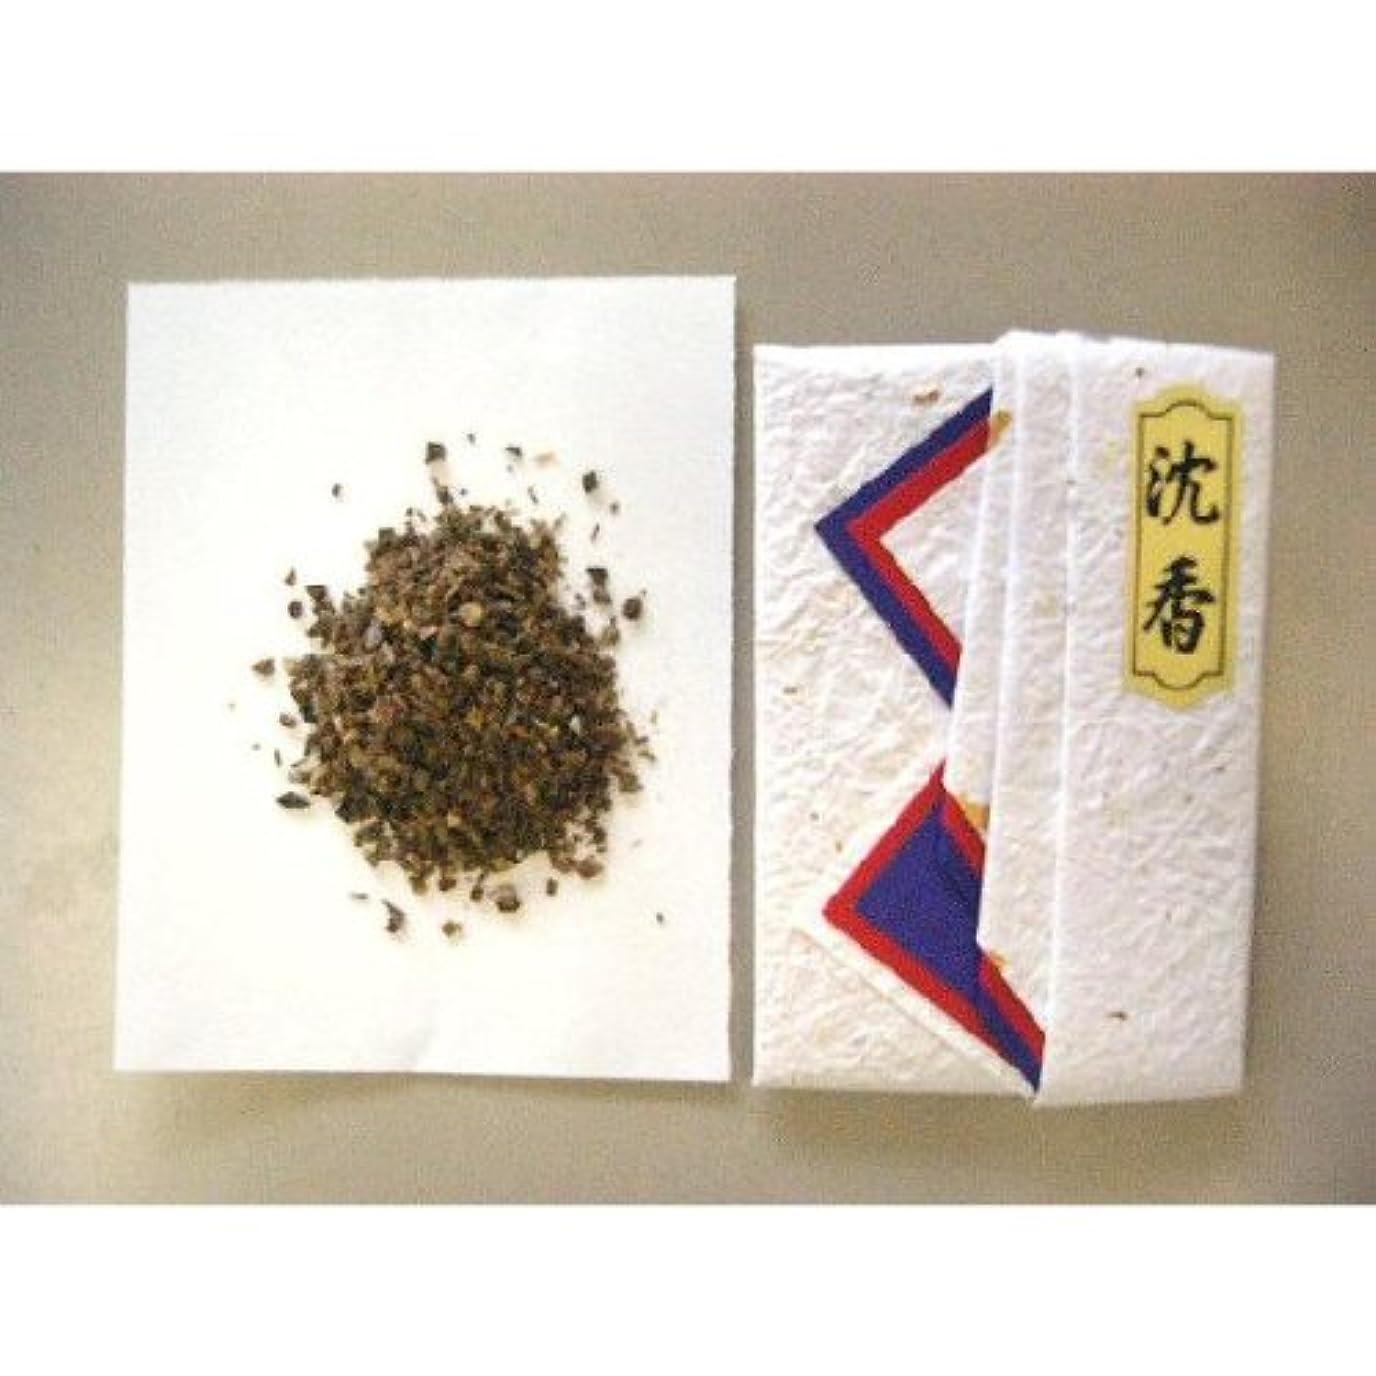 妨げる多様体麻痺させるインドネシア産タニ沈香(刻)10gタトー紙入り